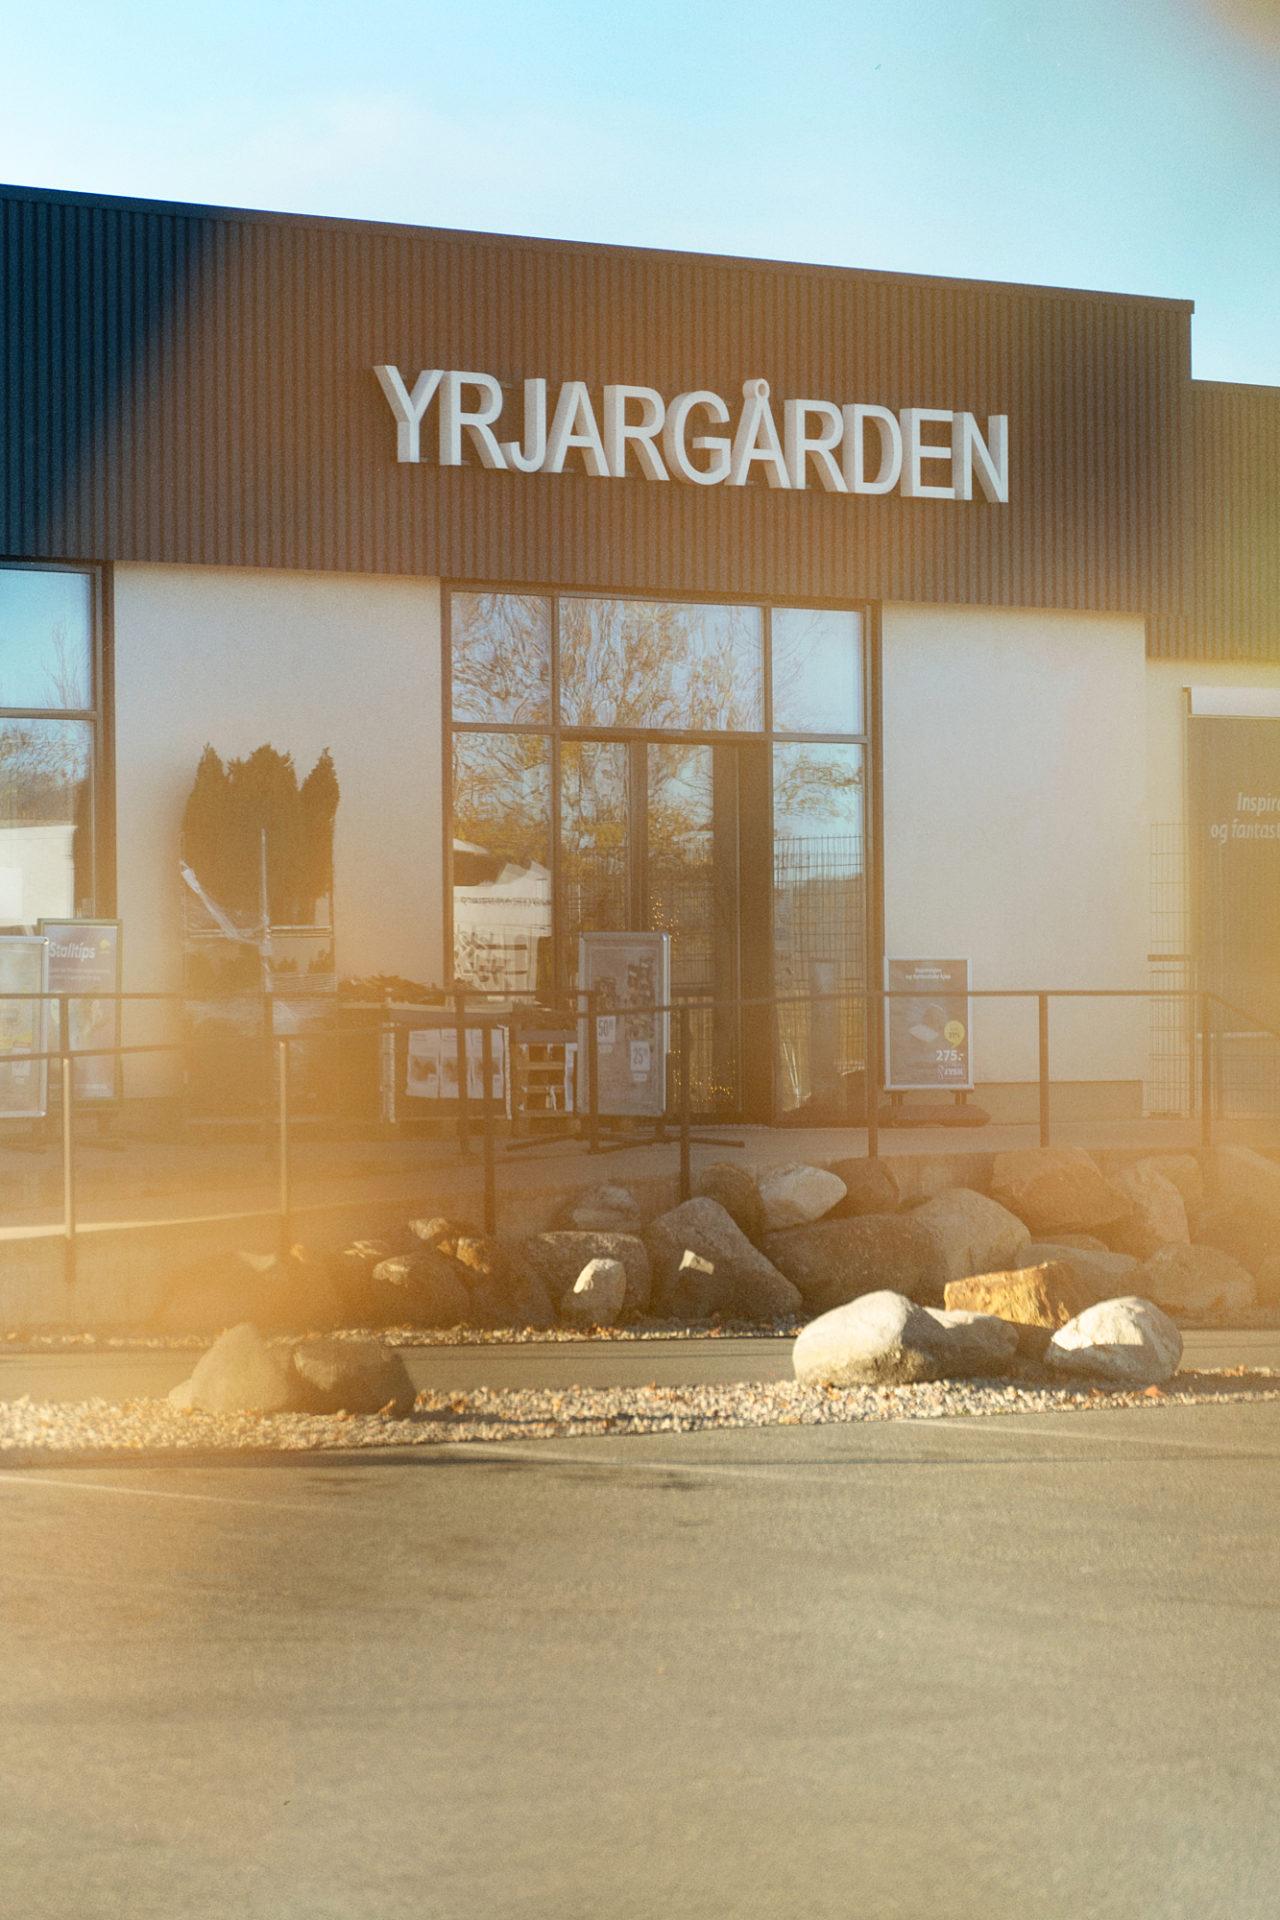 Yrjargården fasade